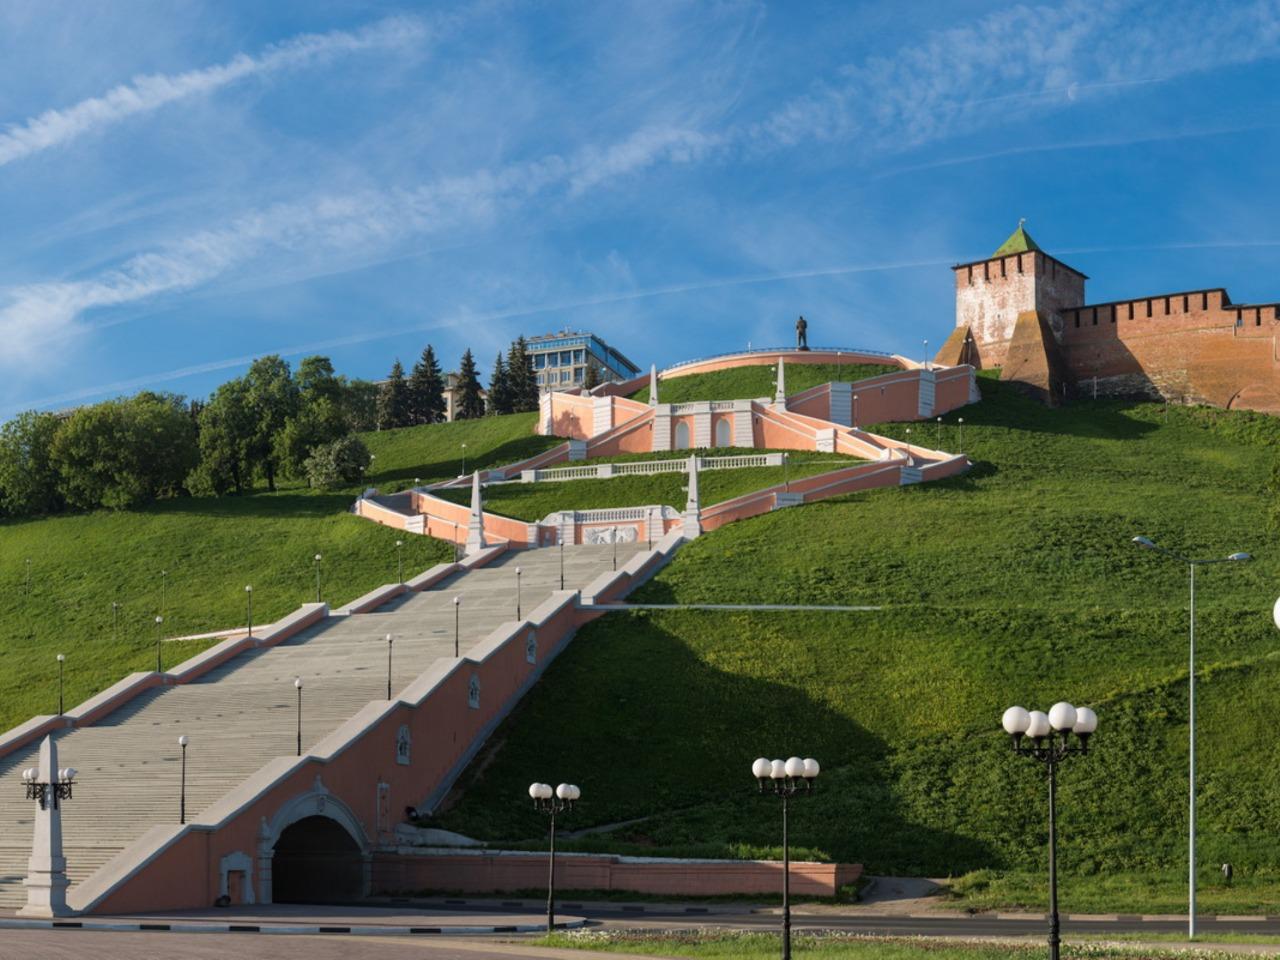 Нижний Новгород: главный обзор - индивидуальная экскурсия по Нижнему Новгороду от опытного гида